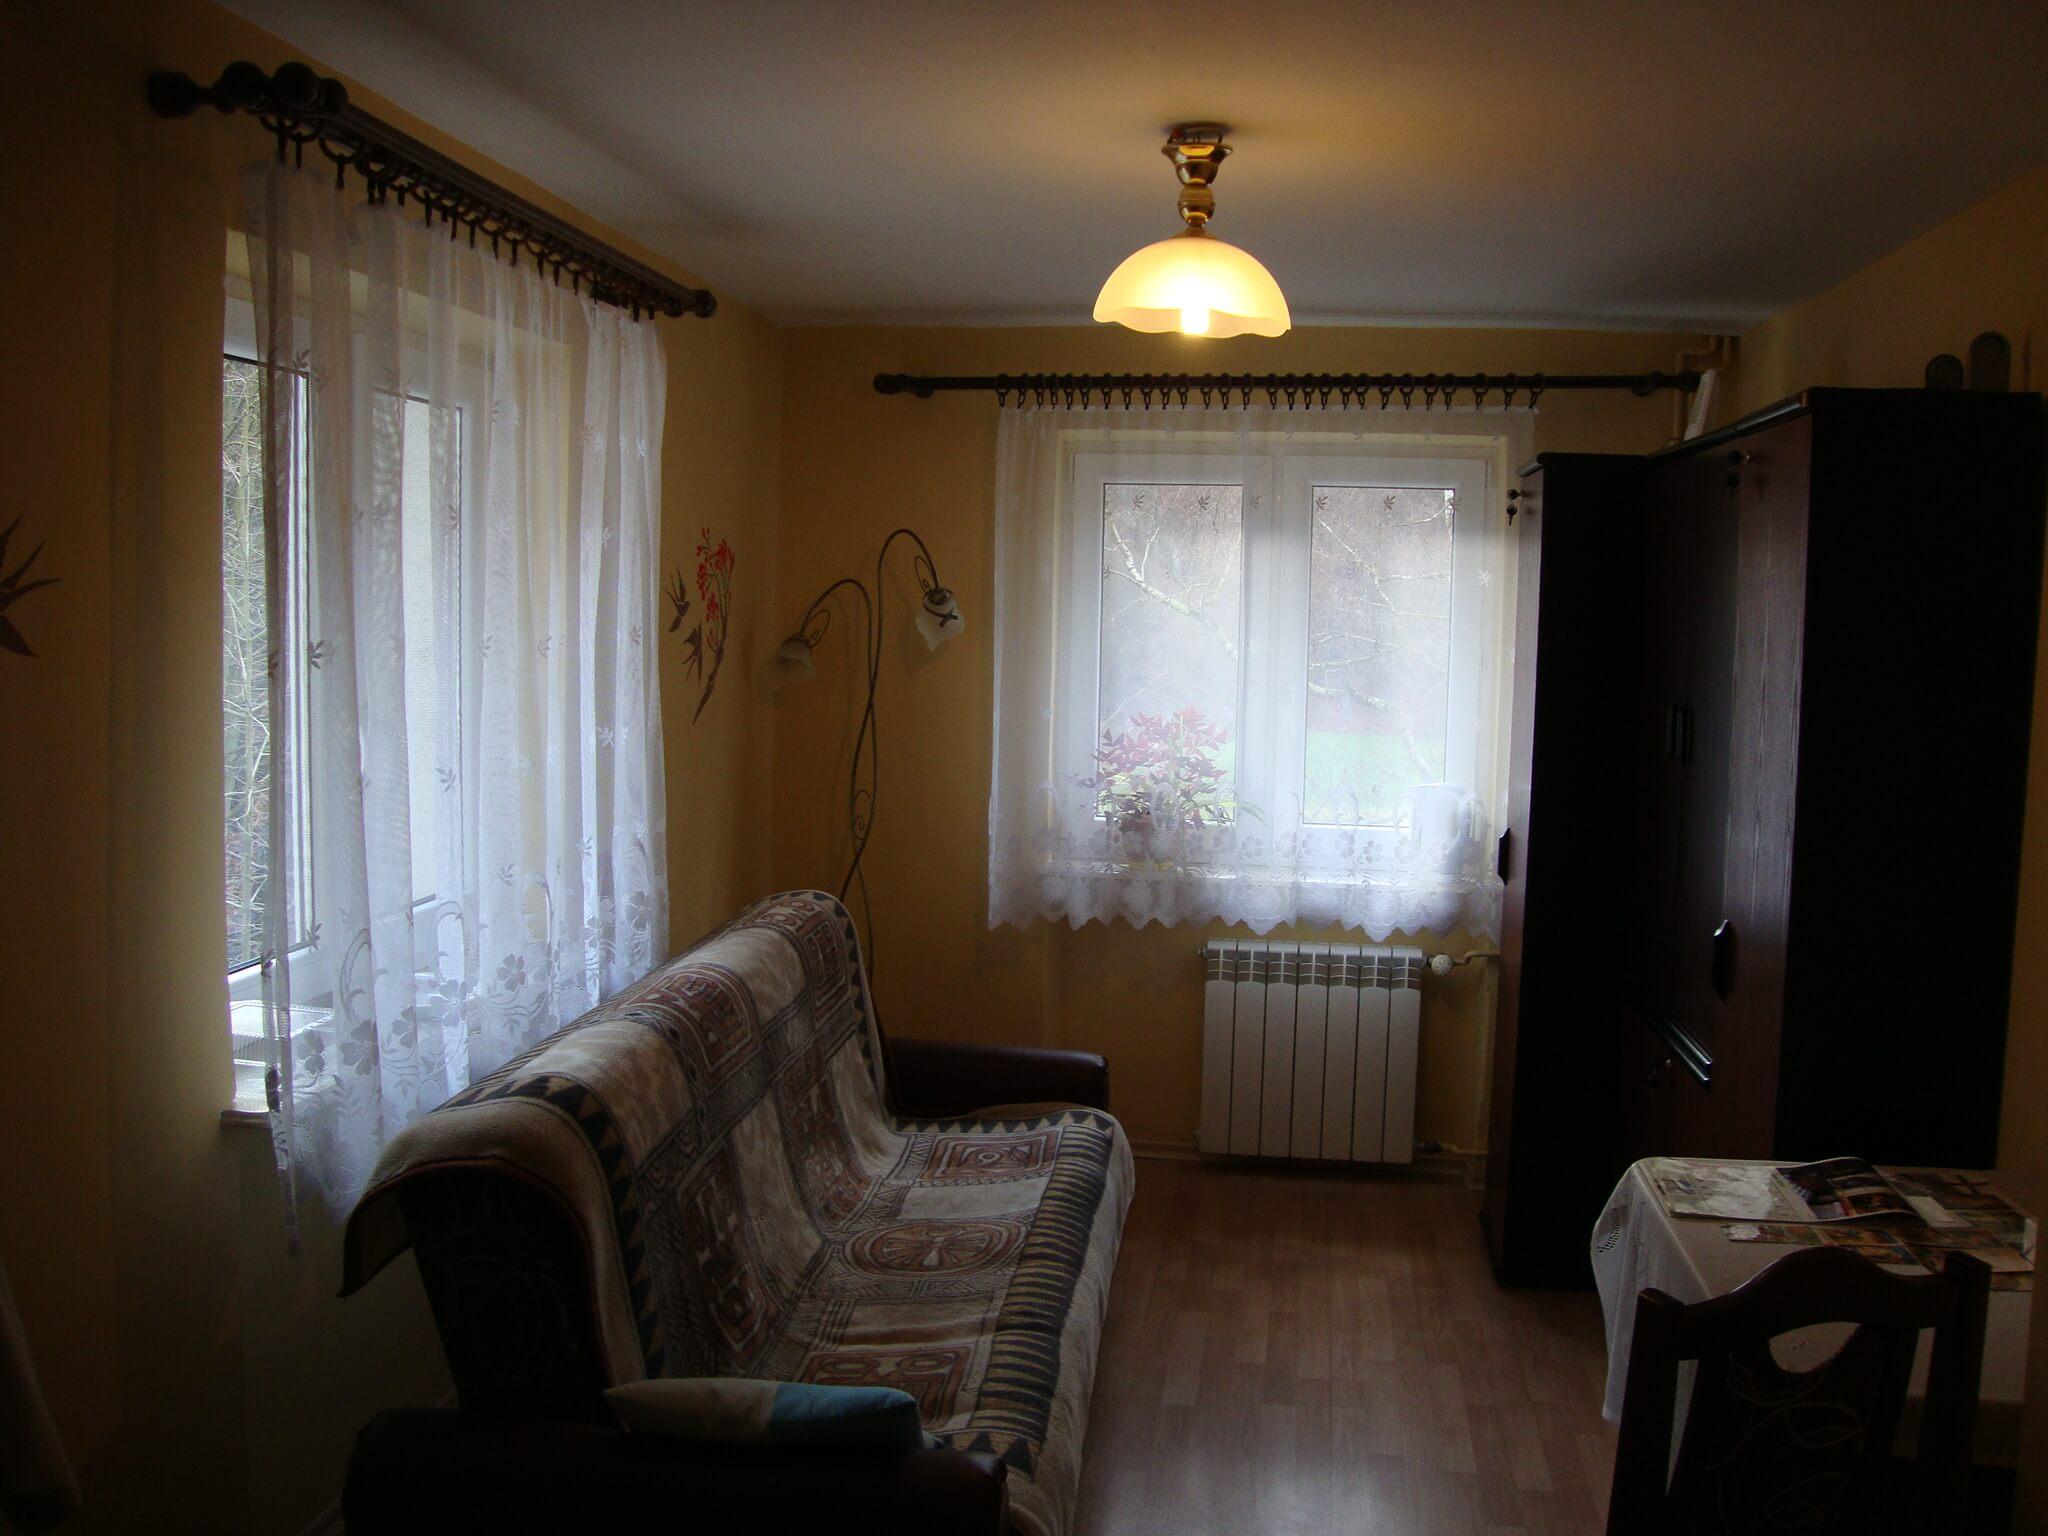 Dom Pomocy Społecznej w Ojcowie- Pokoje mieszkańców